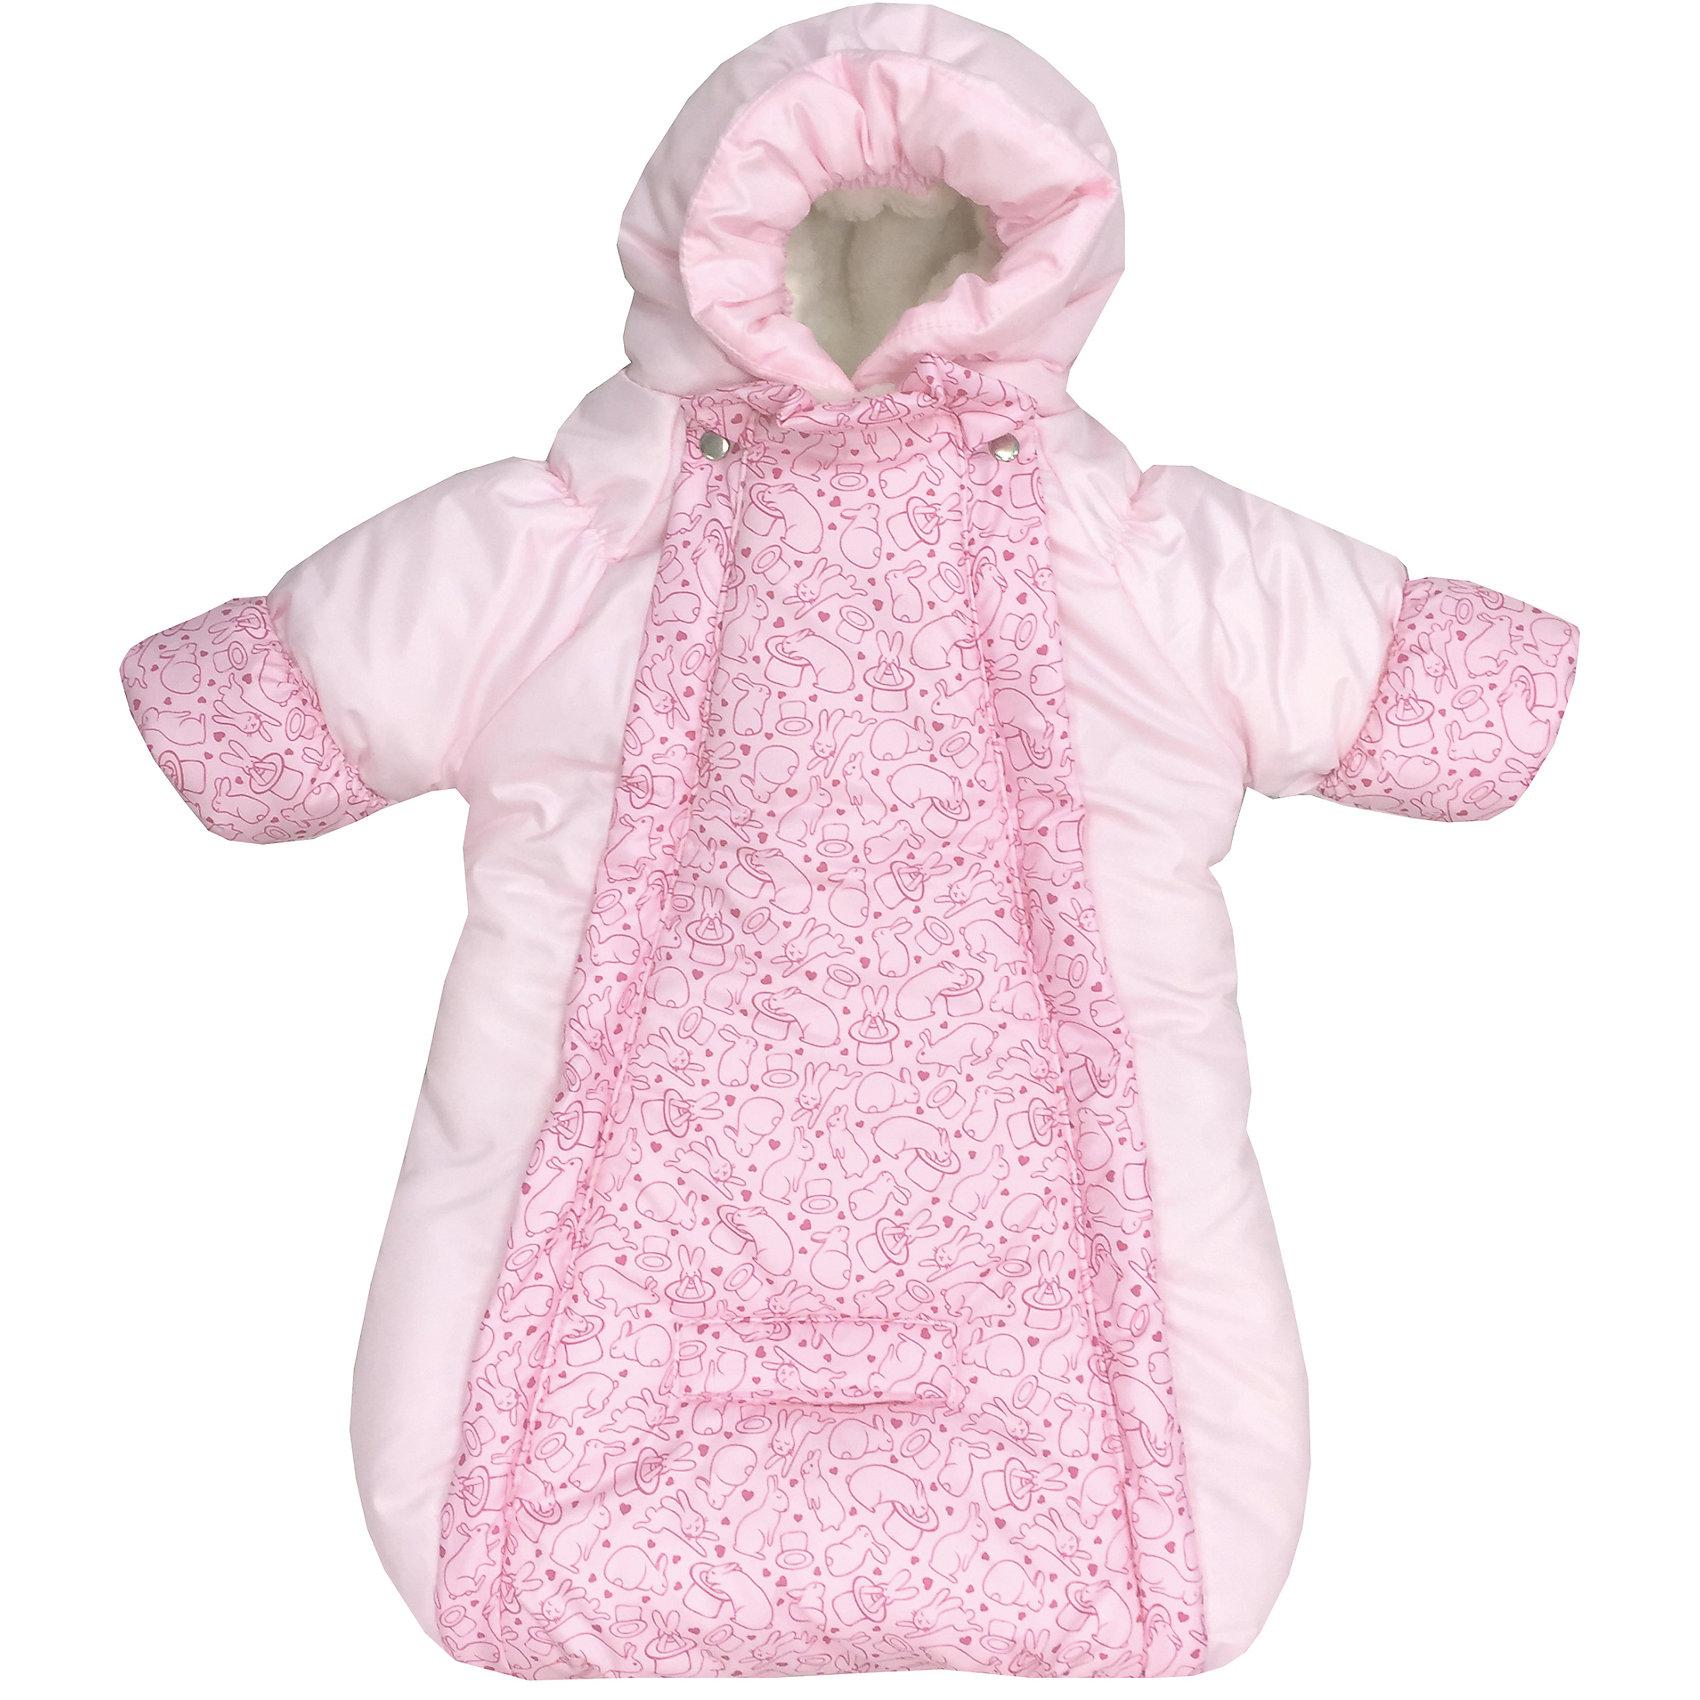 Конверт-комбинезон с ручками Зайчики, овчина, СуперМаМкет, розовыйХарактеристики:<br><br>• Вид детской одежды: верхняя<br>• Предназначение: для прогулок, на выписку<br>• Возраст: от 0 до 6 месяцев<br>• Сезон: зима<br>• Степень утепления: высокая<br>• Температурный режим: от 0? С до -30? С<br>• Пол: для девочки<br>• Тематика рисунка: животные<br>• Цвет: оттенки розового<br>• Материал: верх – мембрана (плащевка), утеплитель – 150 г. синтепона, подклад – овечий ворс на тканевой основе<br>• Форма конверта: комбинезон-конверт<br>• По бокам имеются застежки-молнии<br>• Застежка на кнопках у горловины<br>• На комбинезоне предусмотрены прорези как для 3-х точечных, так и для 5-ти точечных ремней безопасности<br>• У рукавов предусмотрены манжеты-отвороты<br>• Капюшон с регулировкой по овалу лица<br>• Размеры (Ш*Д): 45*75 см, длина от плеча до низа 56 см<br>• Вес: 800 г <br>• Особенности ухода: допускается деликатная стирка без использования красящих и отбеливающих средств<br><br>Комбинезон-конверт от СуперМаМкет выполнен в форме расширенного книзу кокона, на рукавах предусмотрены отвороты для защиты от холода детских ручек, капюшон имеет регулировку по овалу лица, а у горловины имеются застежки на кнопках. Верх изделия выполнен из плащевки, которая отличается повышенными качествами износоустойчивости и обладает повышенными защитными свойствами от влаги и ветра. Изделие имеет двойное утепление: из синтепона (150 г.) и подклада, выполненного из специально обработанного овечьего ворса, что обеспечивает повышенные теплоизоляционные свойства и придает изделию дополнительную мягкость. Конверт-комбинезон с ручками Зайчики, овчина, СуперМаМкет, розовый оснащен боковыми застежками-молниями, которые расстегиваются до самого низа, что обеспечивает удобство в одевании ребенка. <br><br>Конверт-комбинезон с ручками Зайчики, овчина, СуперМаМкет, розовый можно купить в нашем интернет-магазине.<br><br>Ширина мм: 750<br>Глубина мм: 450<br>Высота мм: 100<br>Вес г: 600<br>Возраст от месяцев: 0<